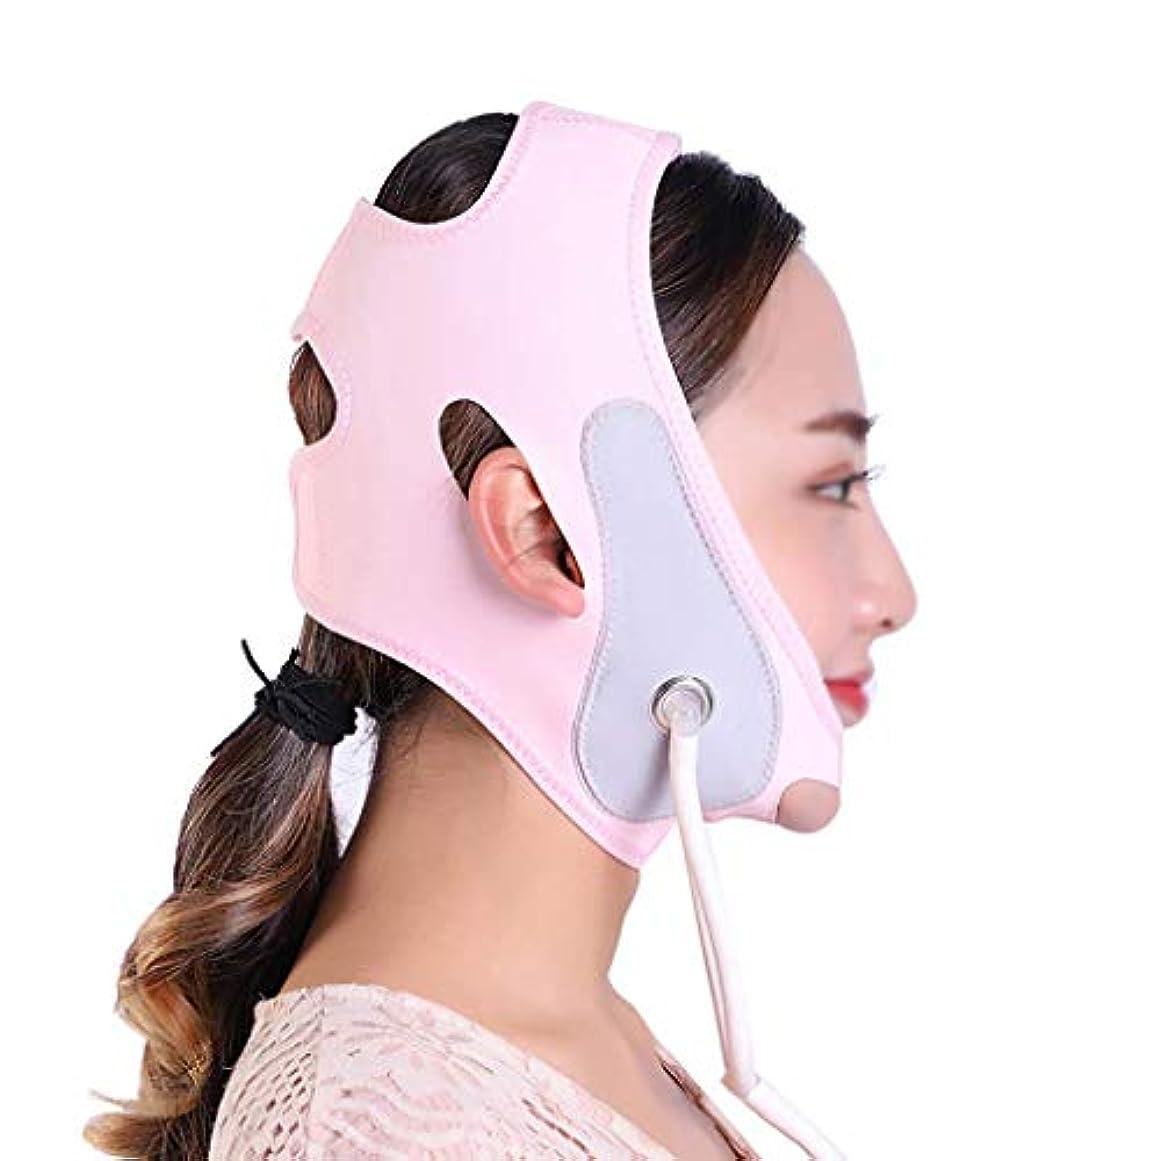 局間接的ノート顔と首のリフト後伸縮性スリーブシンフェイスマスク引き締め肌の改善マッサージリフティング収縮シンフェイス弾性包帯Vフェイスアーティファクト